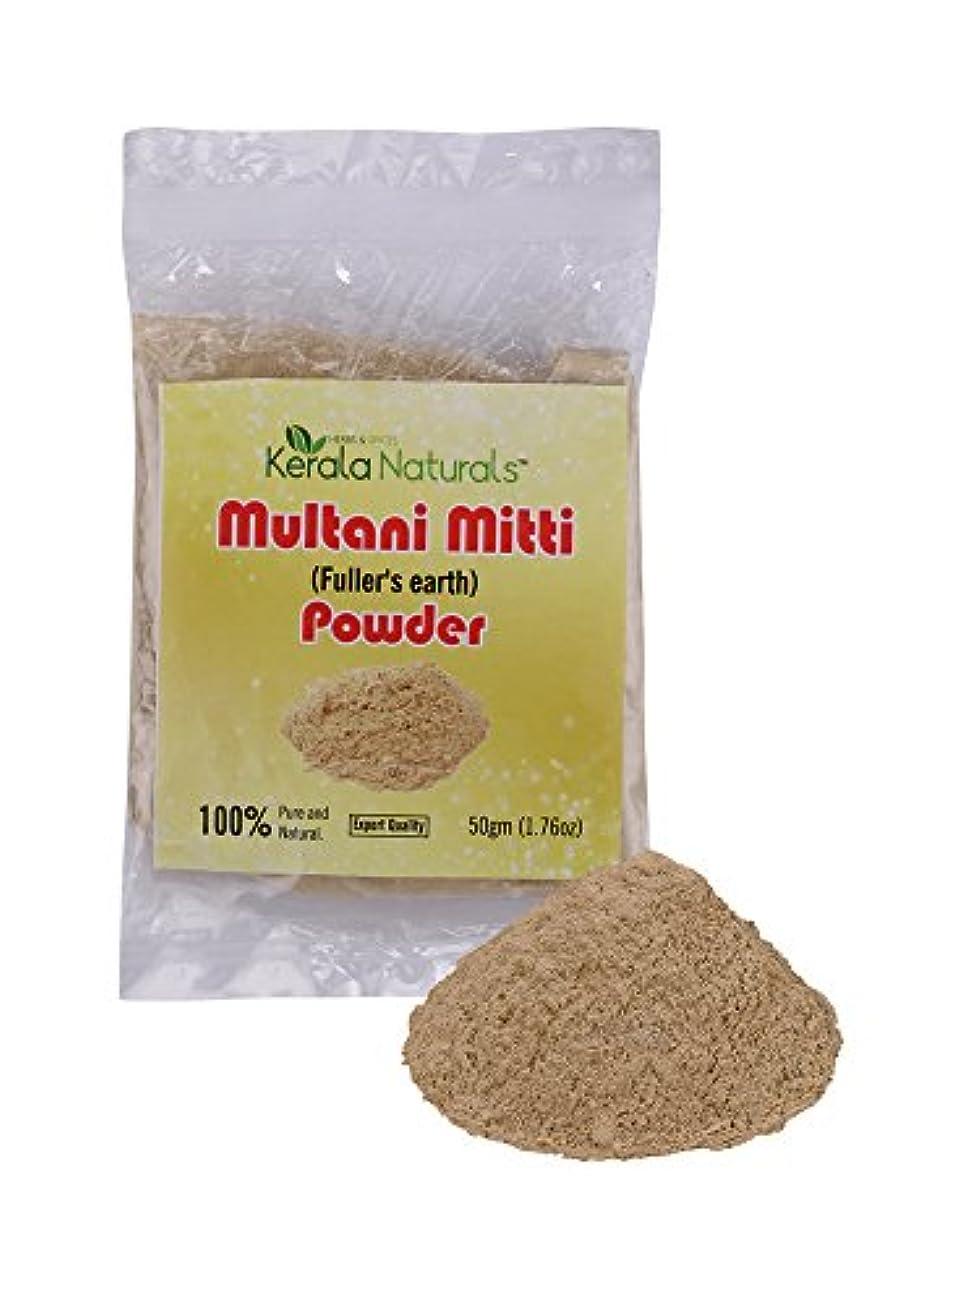 空中砂利専らMultani Mitti Powder 200gm - Anti acne & Blemishes, Glowing Skin - Multani Mittiパウダー200gm-にきび&傷、輝く肌